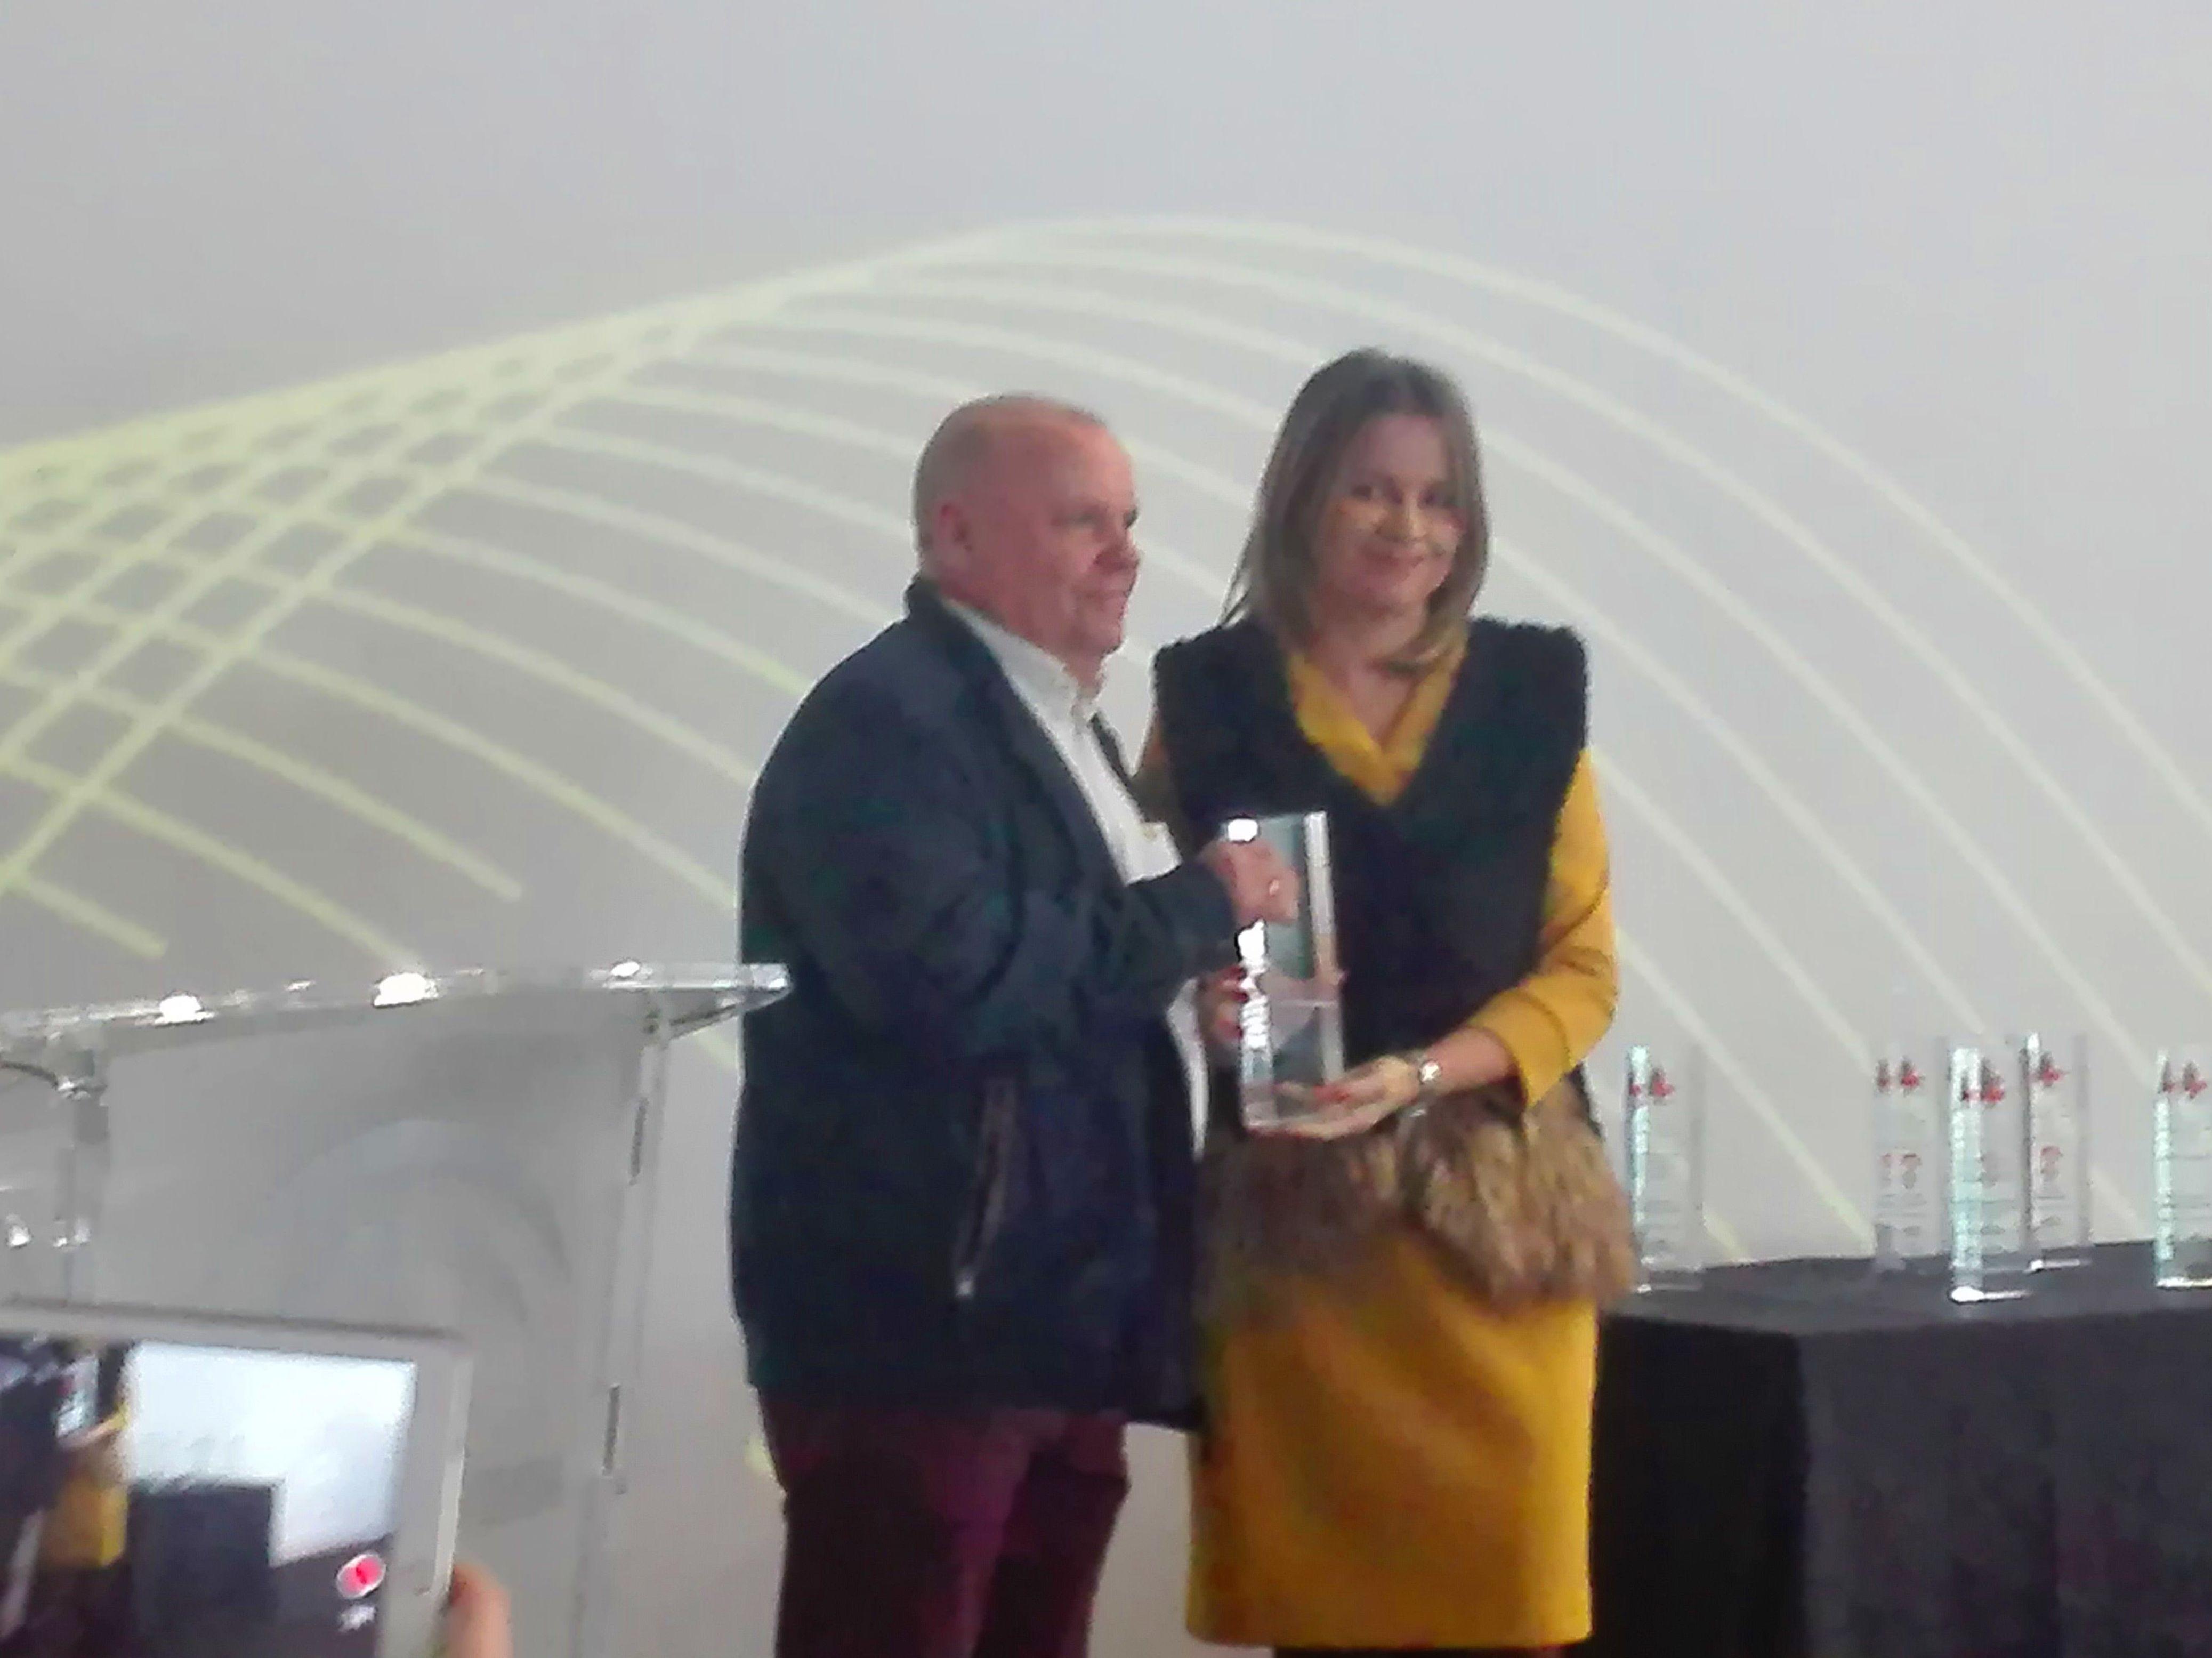 Acto de entrega de los Premio\u0022Andalucía más Social 2018\u0022  Otorgado a la asociación de A.P.L.I.J.E.R.